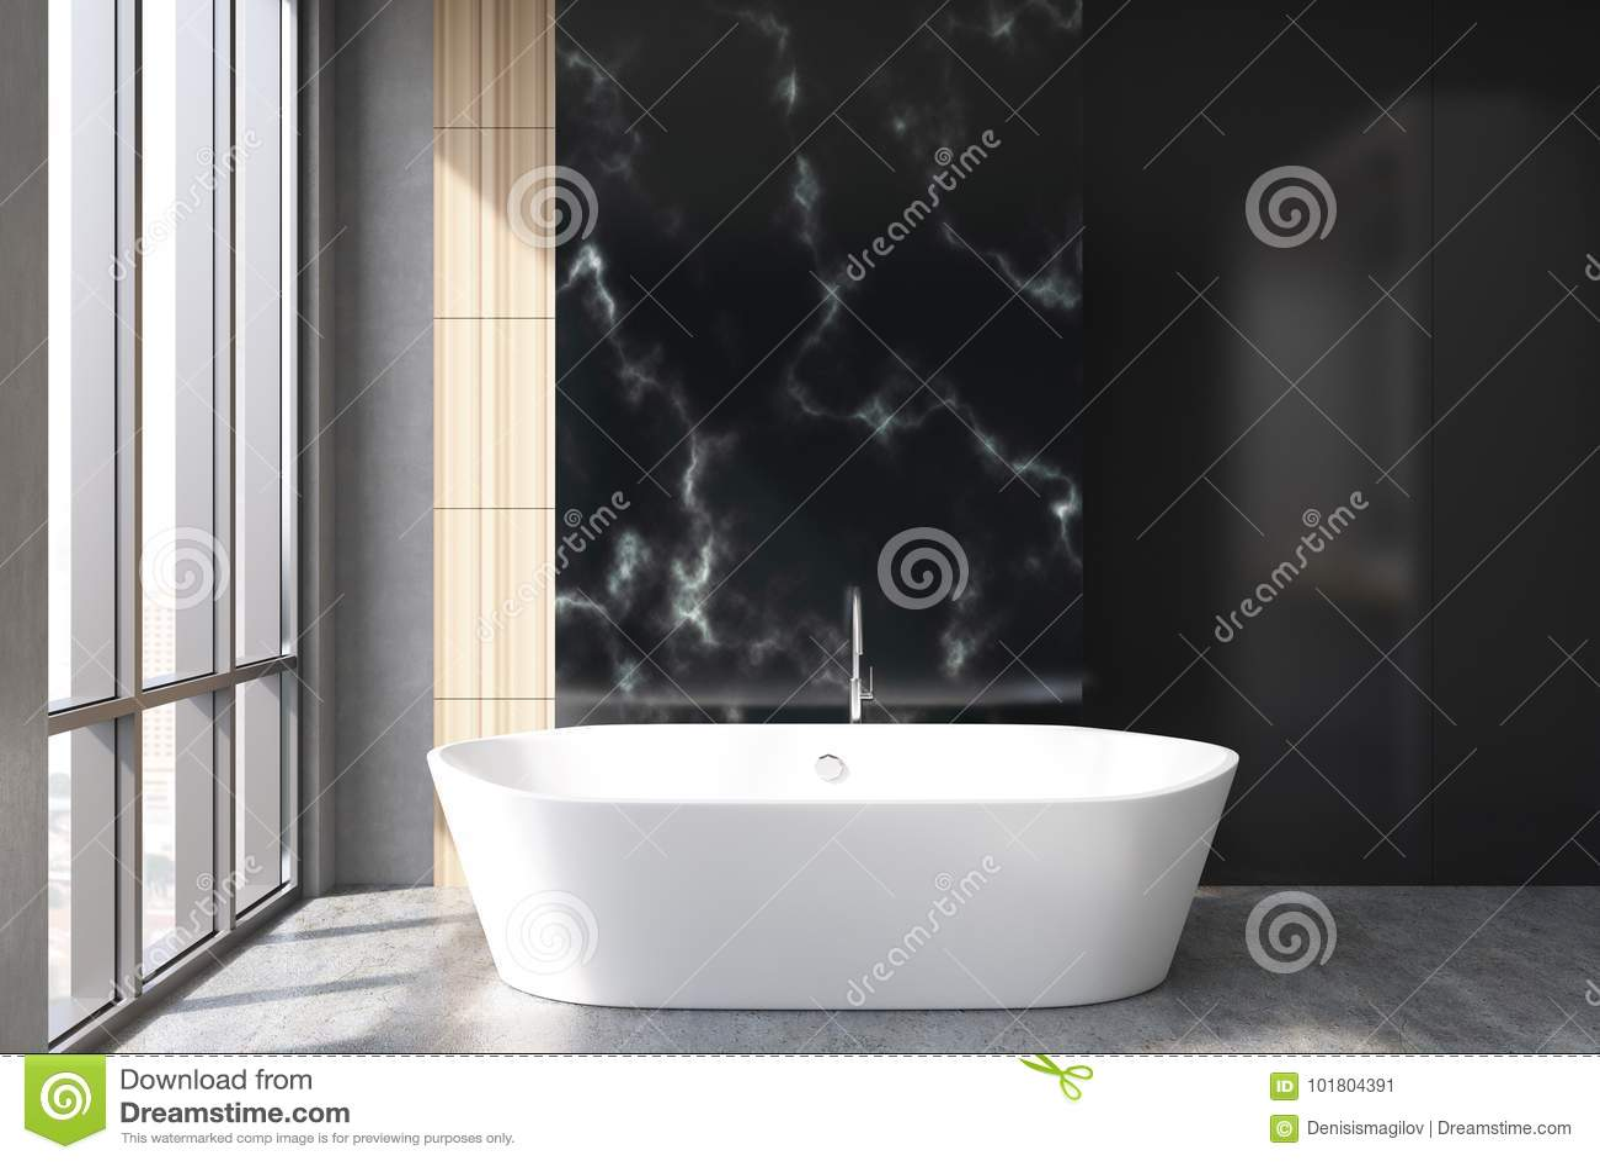 Bagni In Marmo Nero : Bagno di marmo nero vasca illustrazione di stock illustrazione